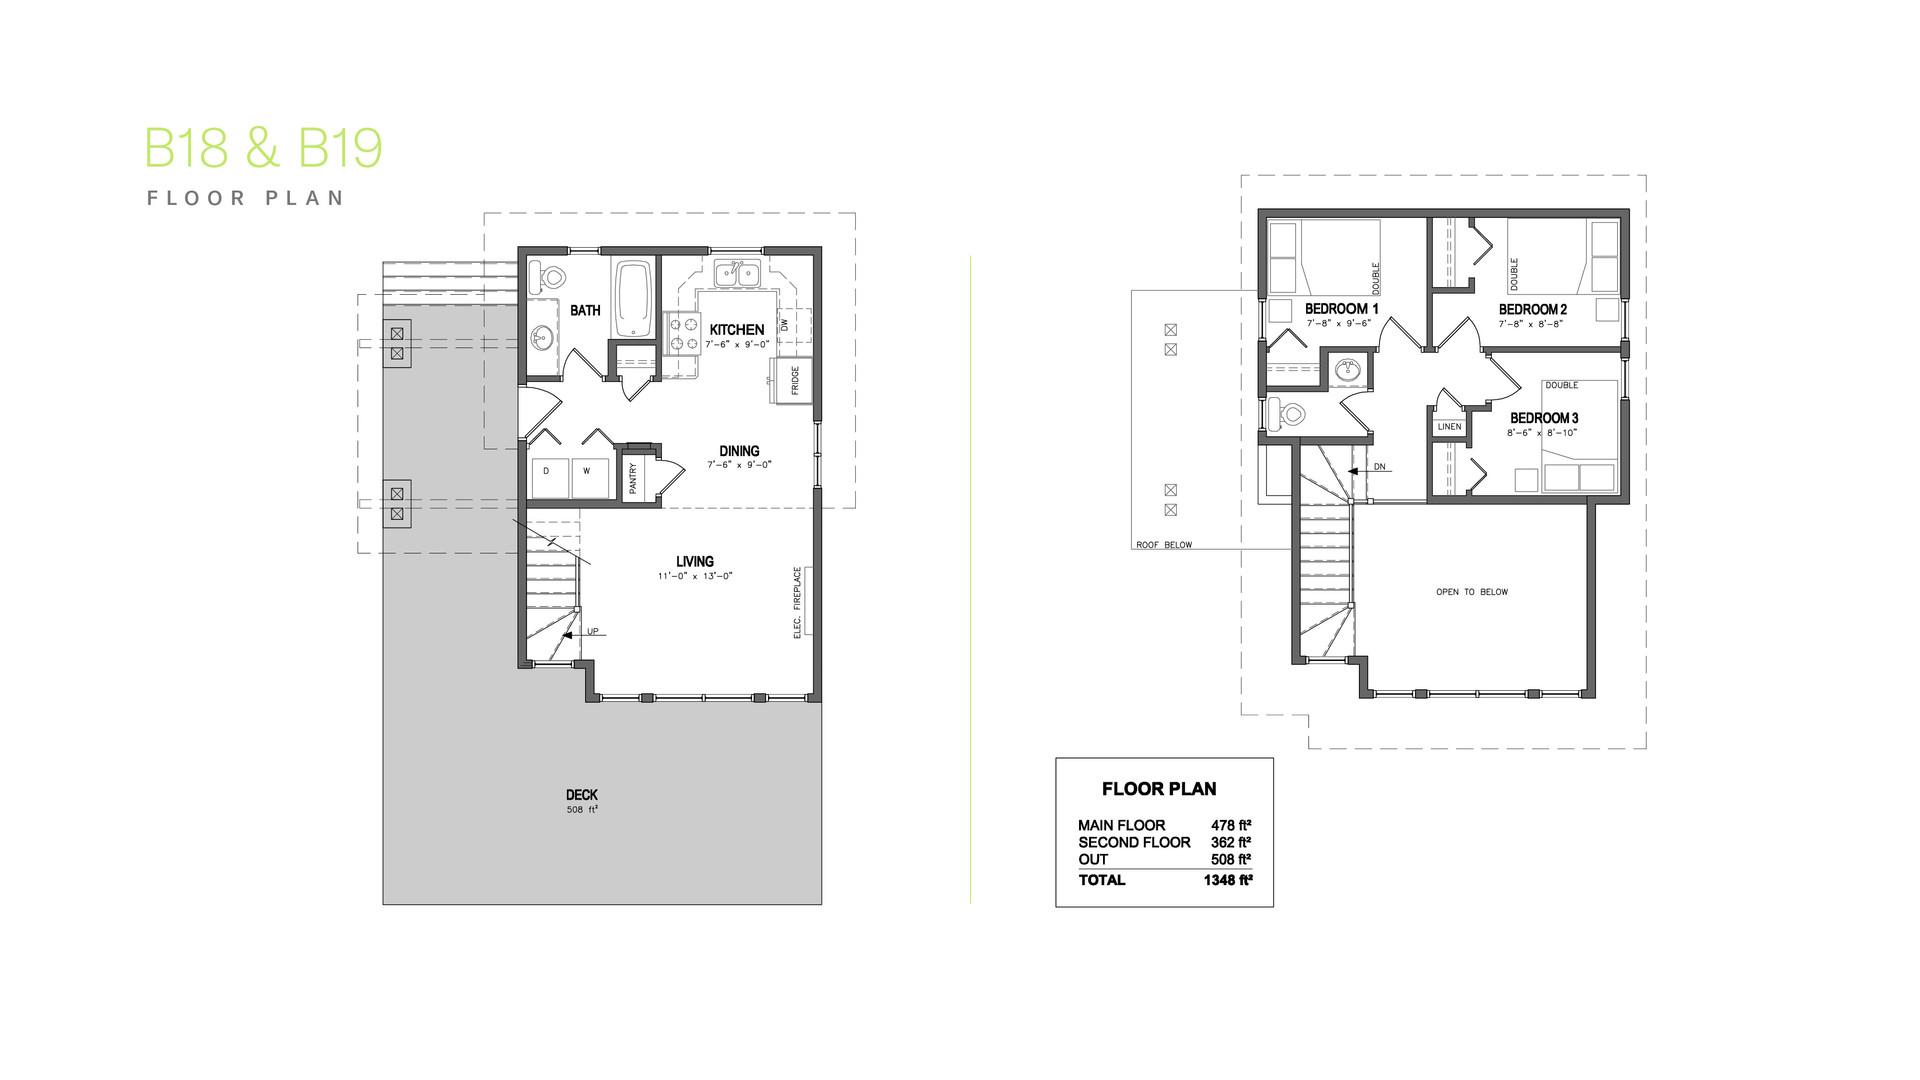 Kapasiwin Bungalows Floor Plan B18 & B19